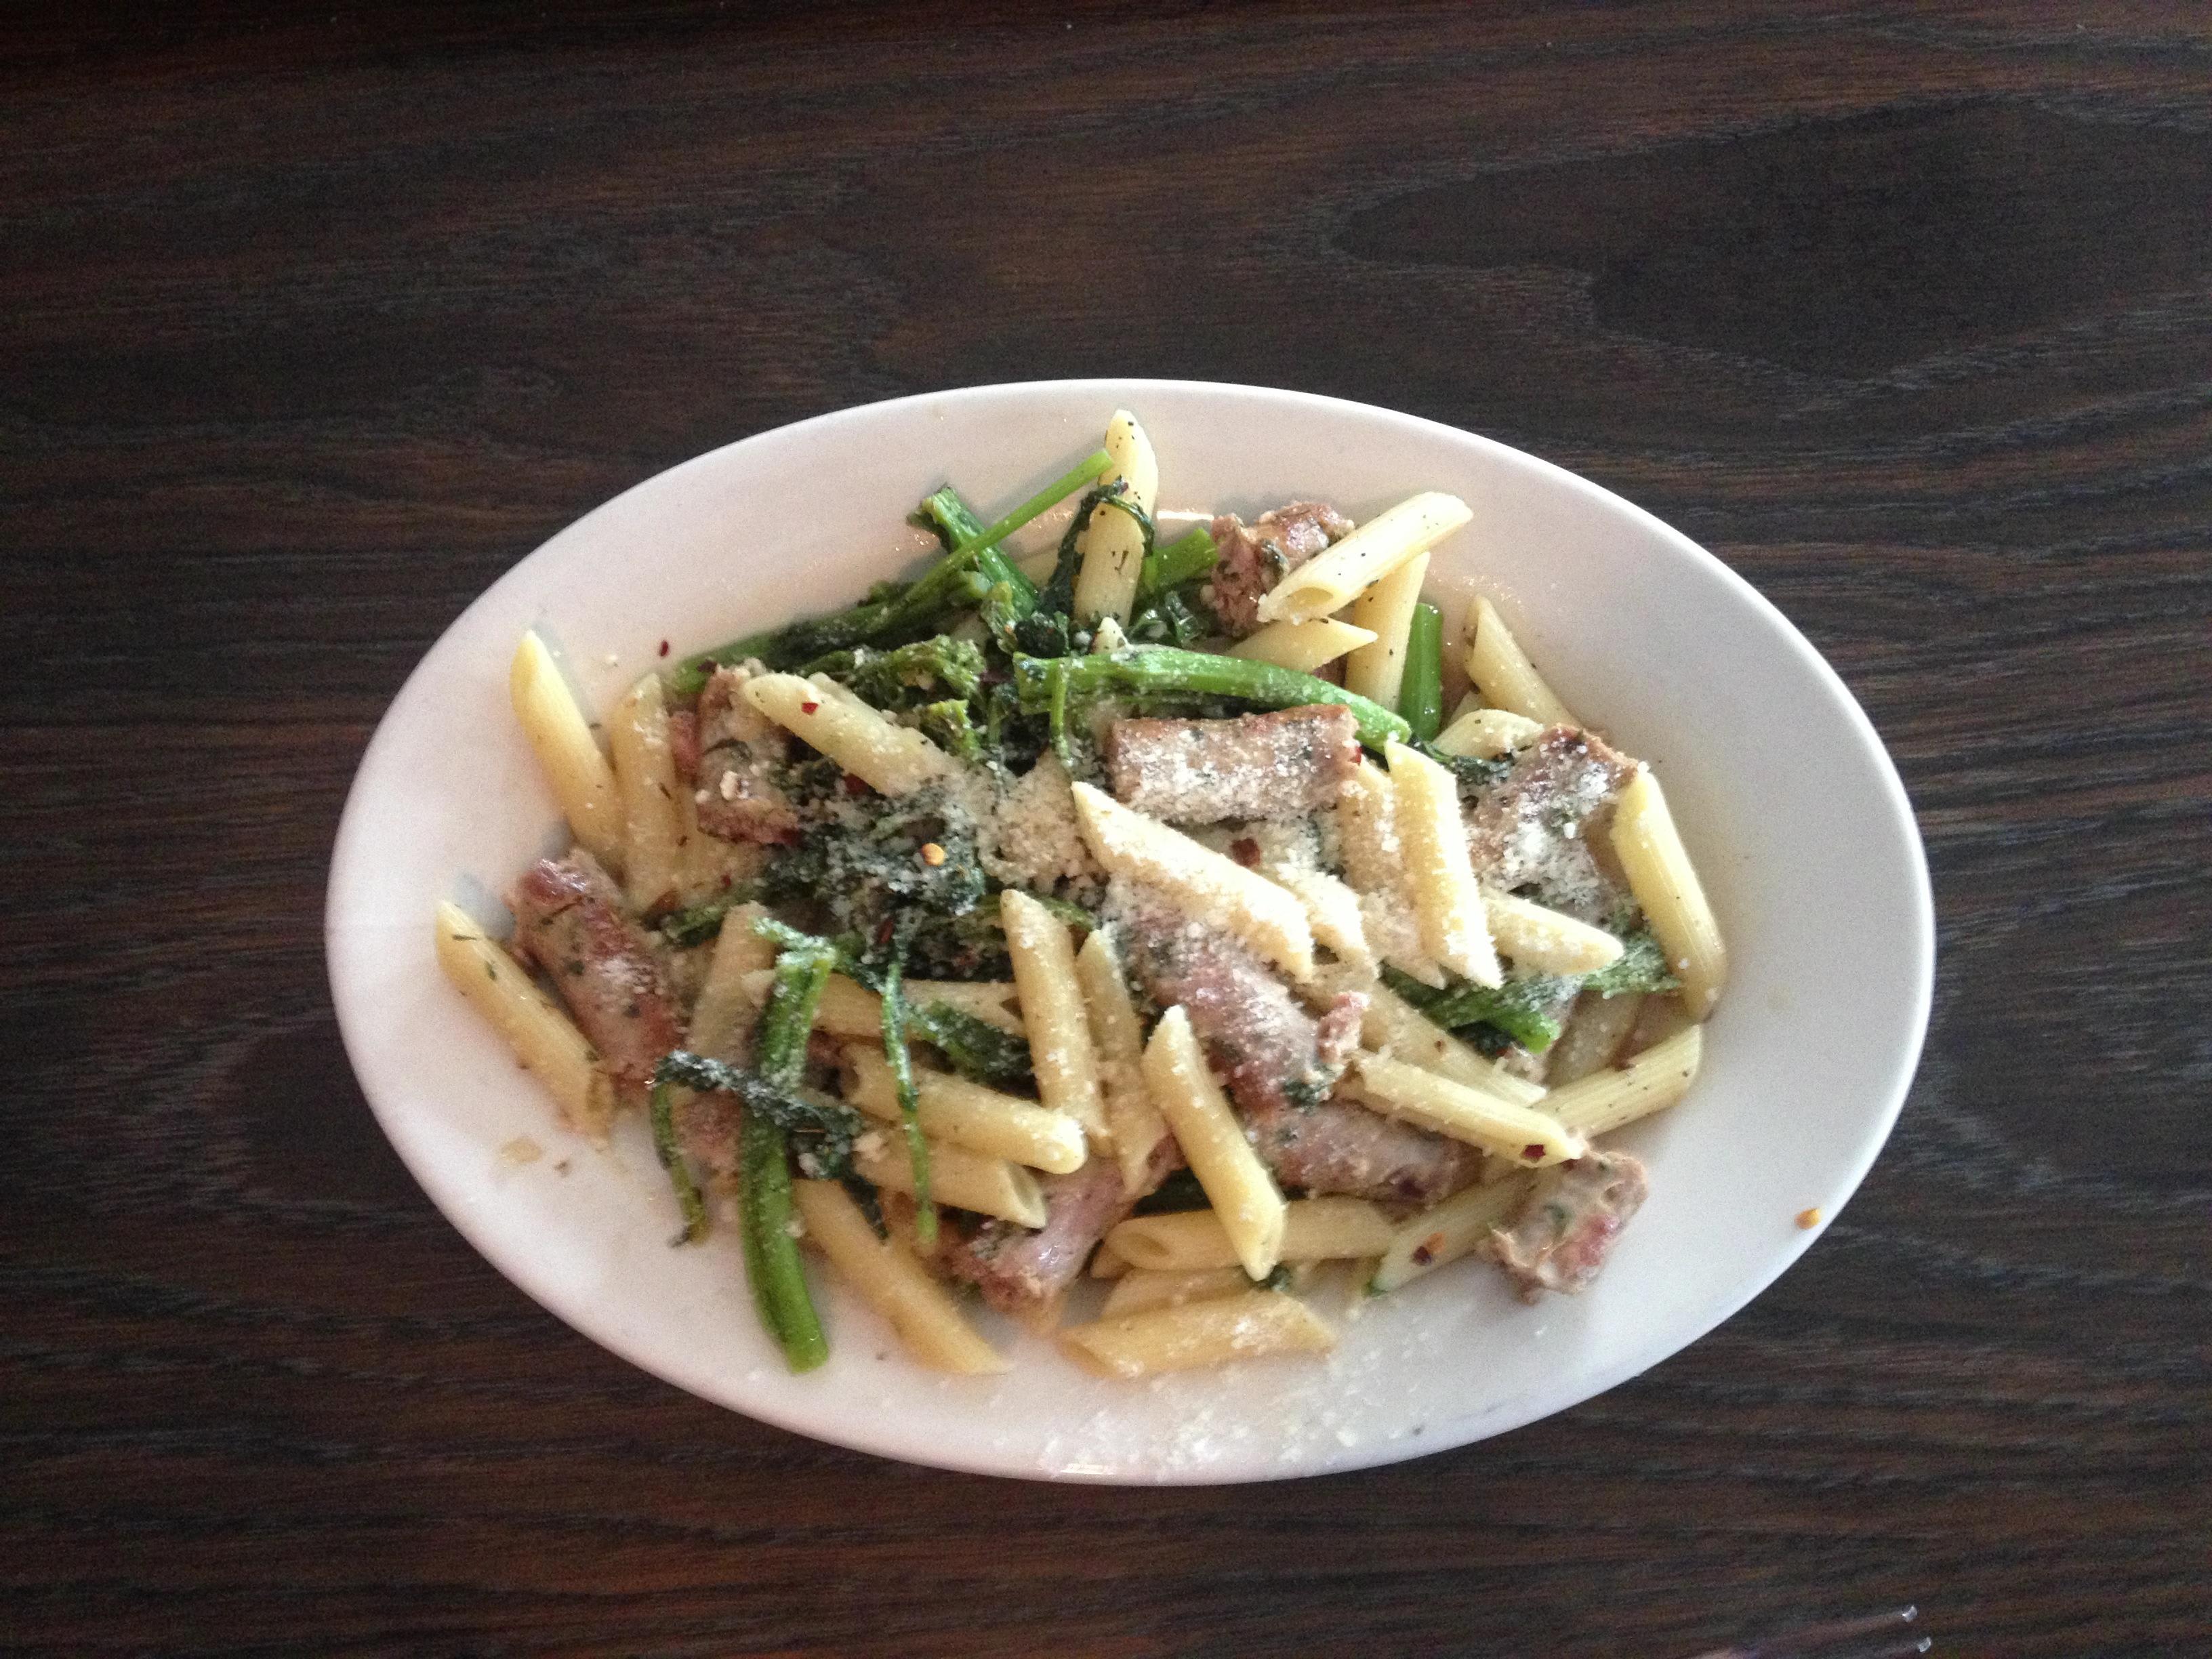 Penne, Broccoli Rabe & Italian Sausage at Brooklyn Pub